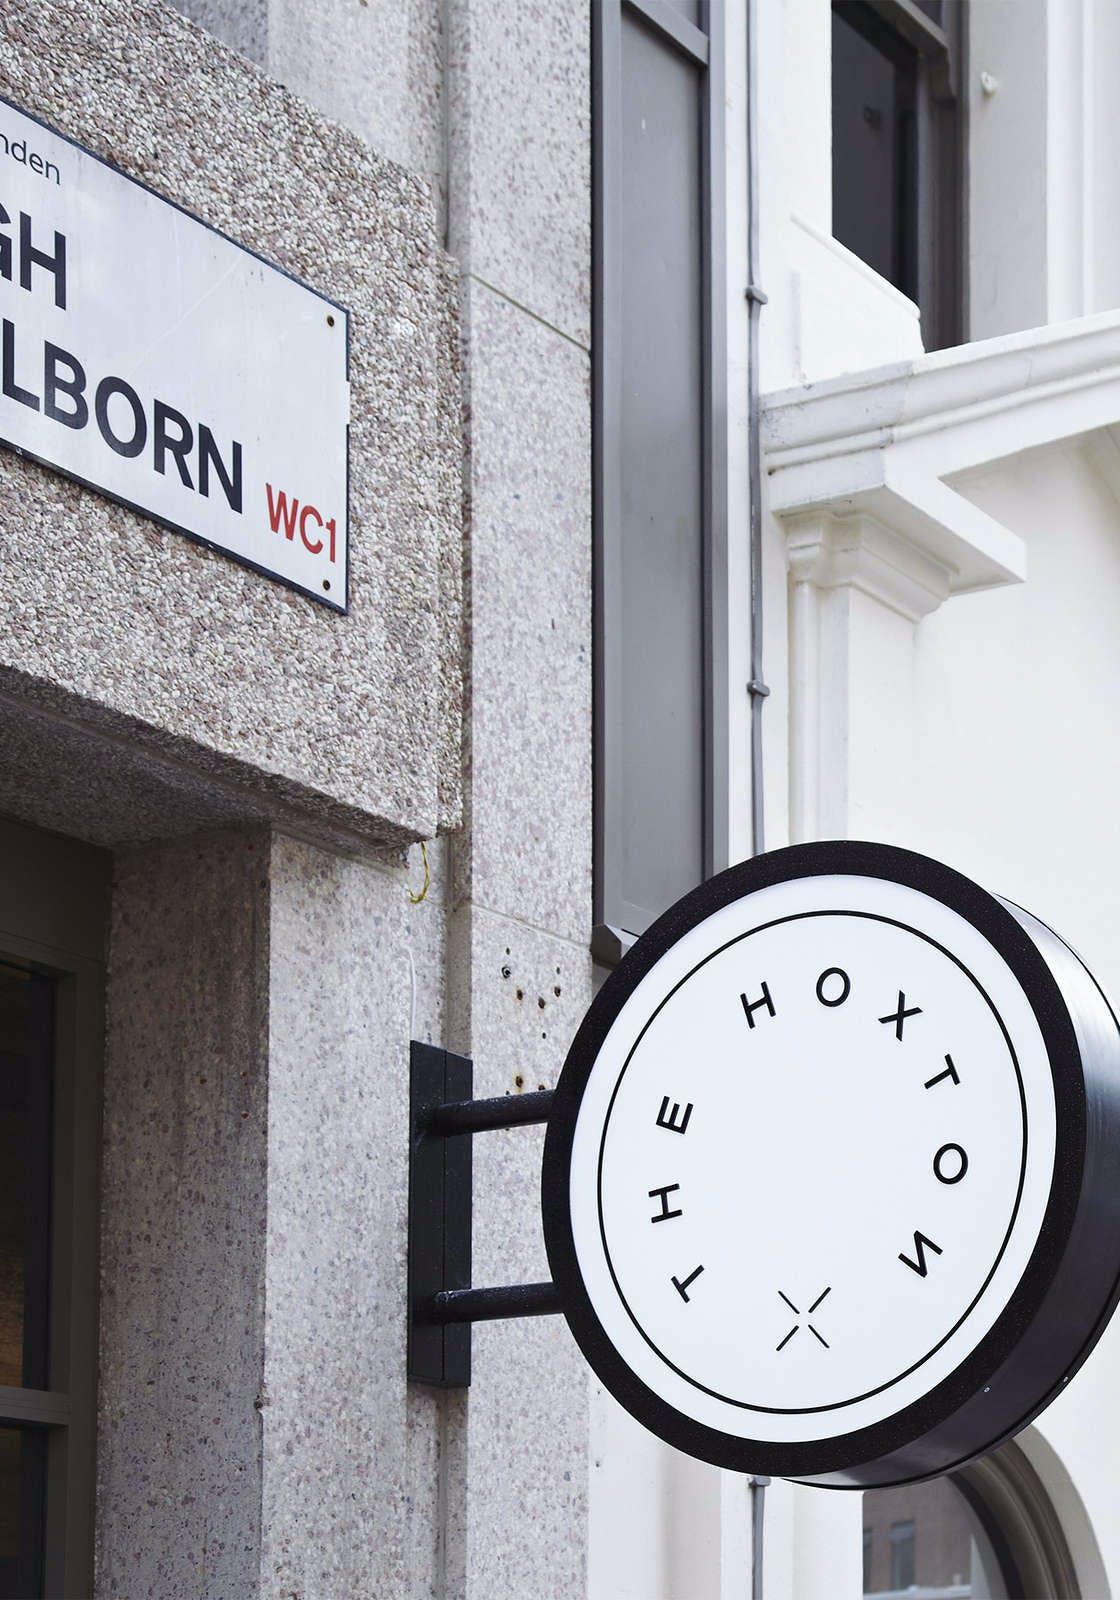 The Hoxton Holborn